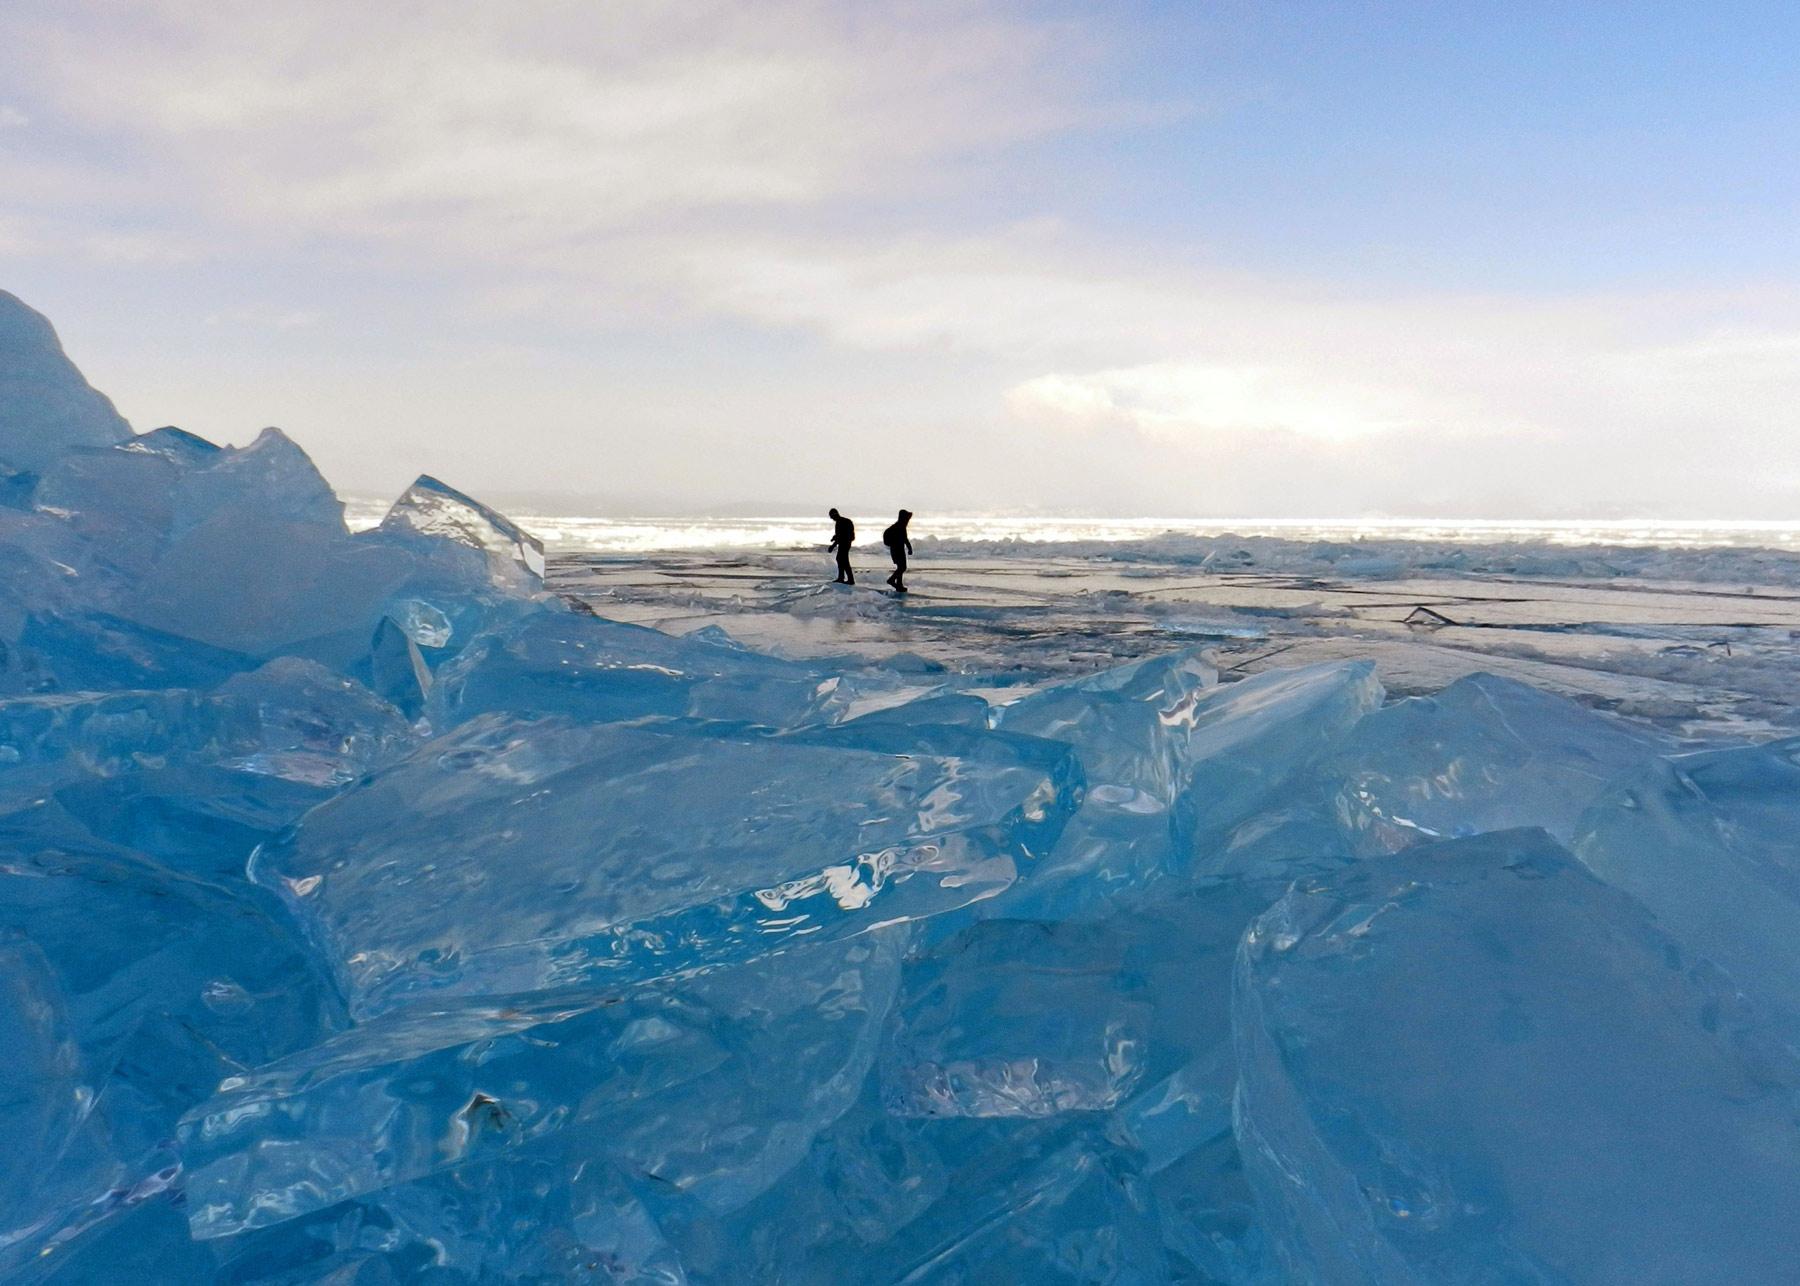 Когда замерзает Байкал? Ледяные торосы на замерзшем Байкале